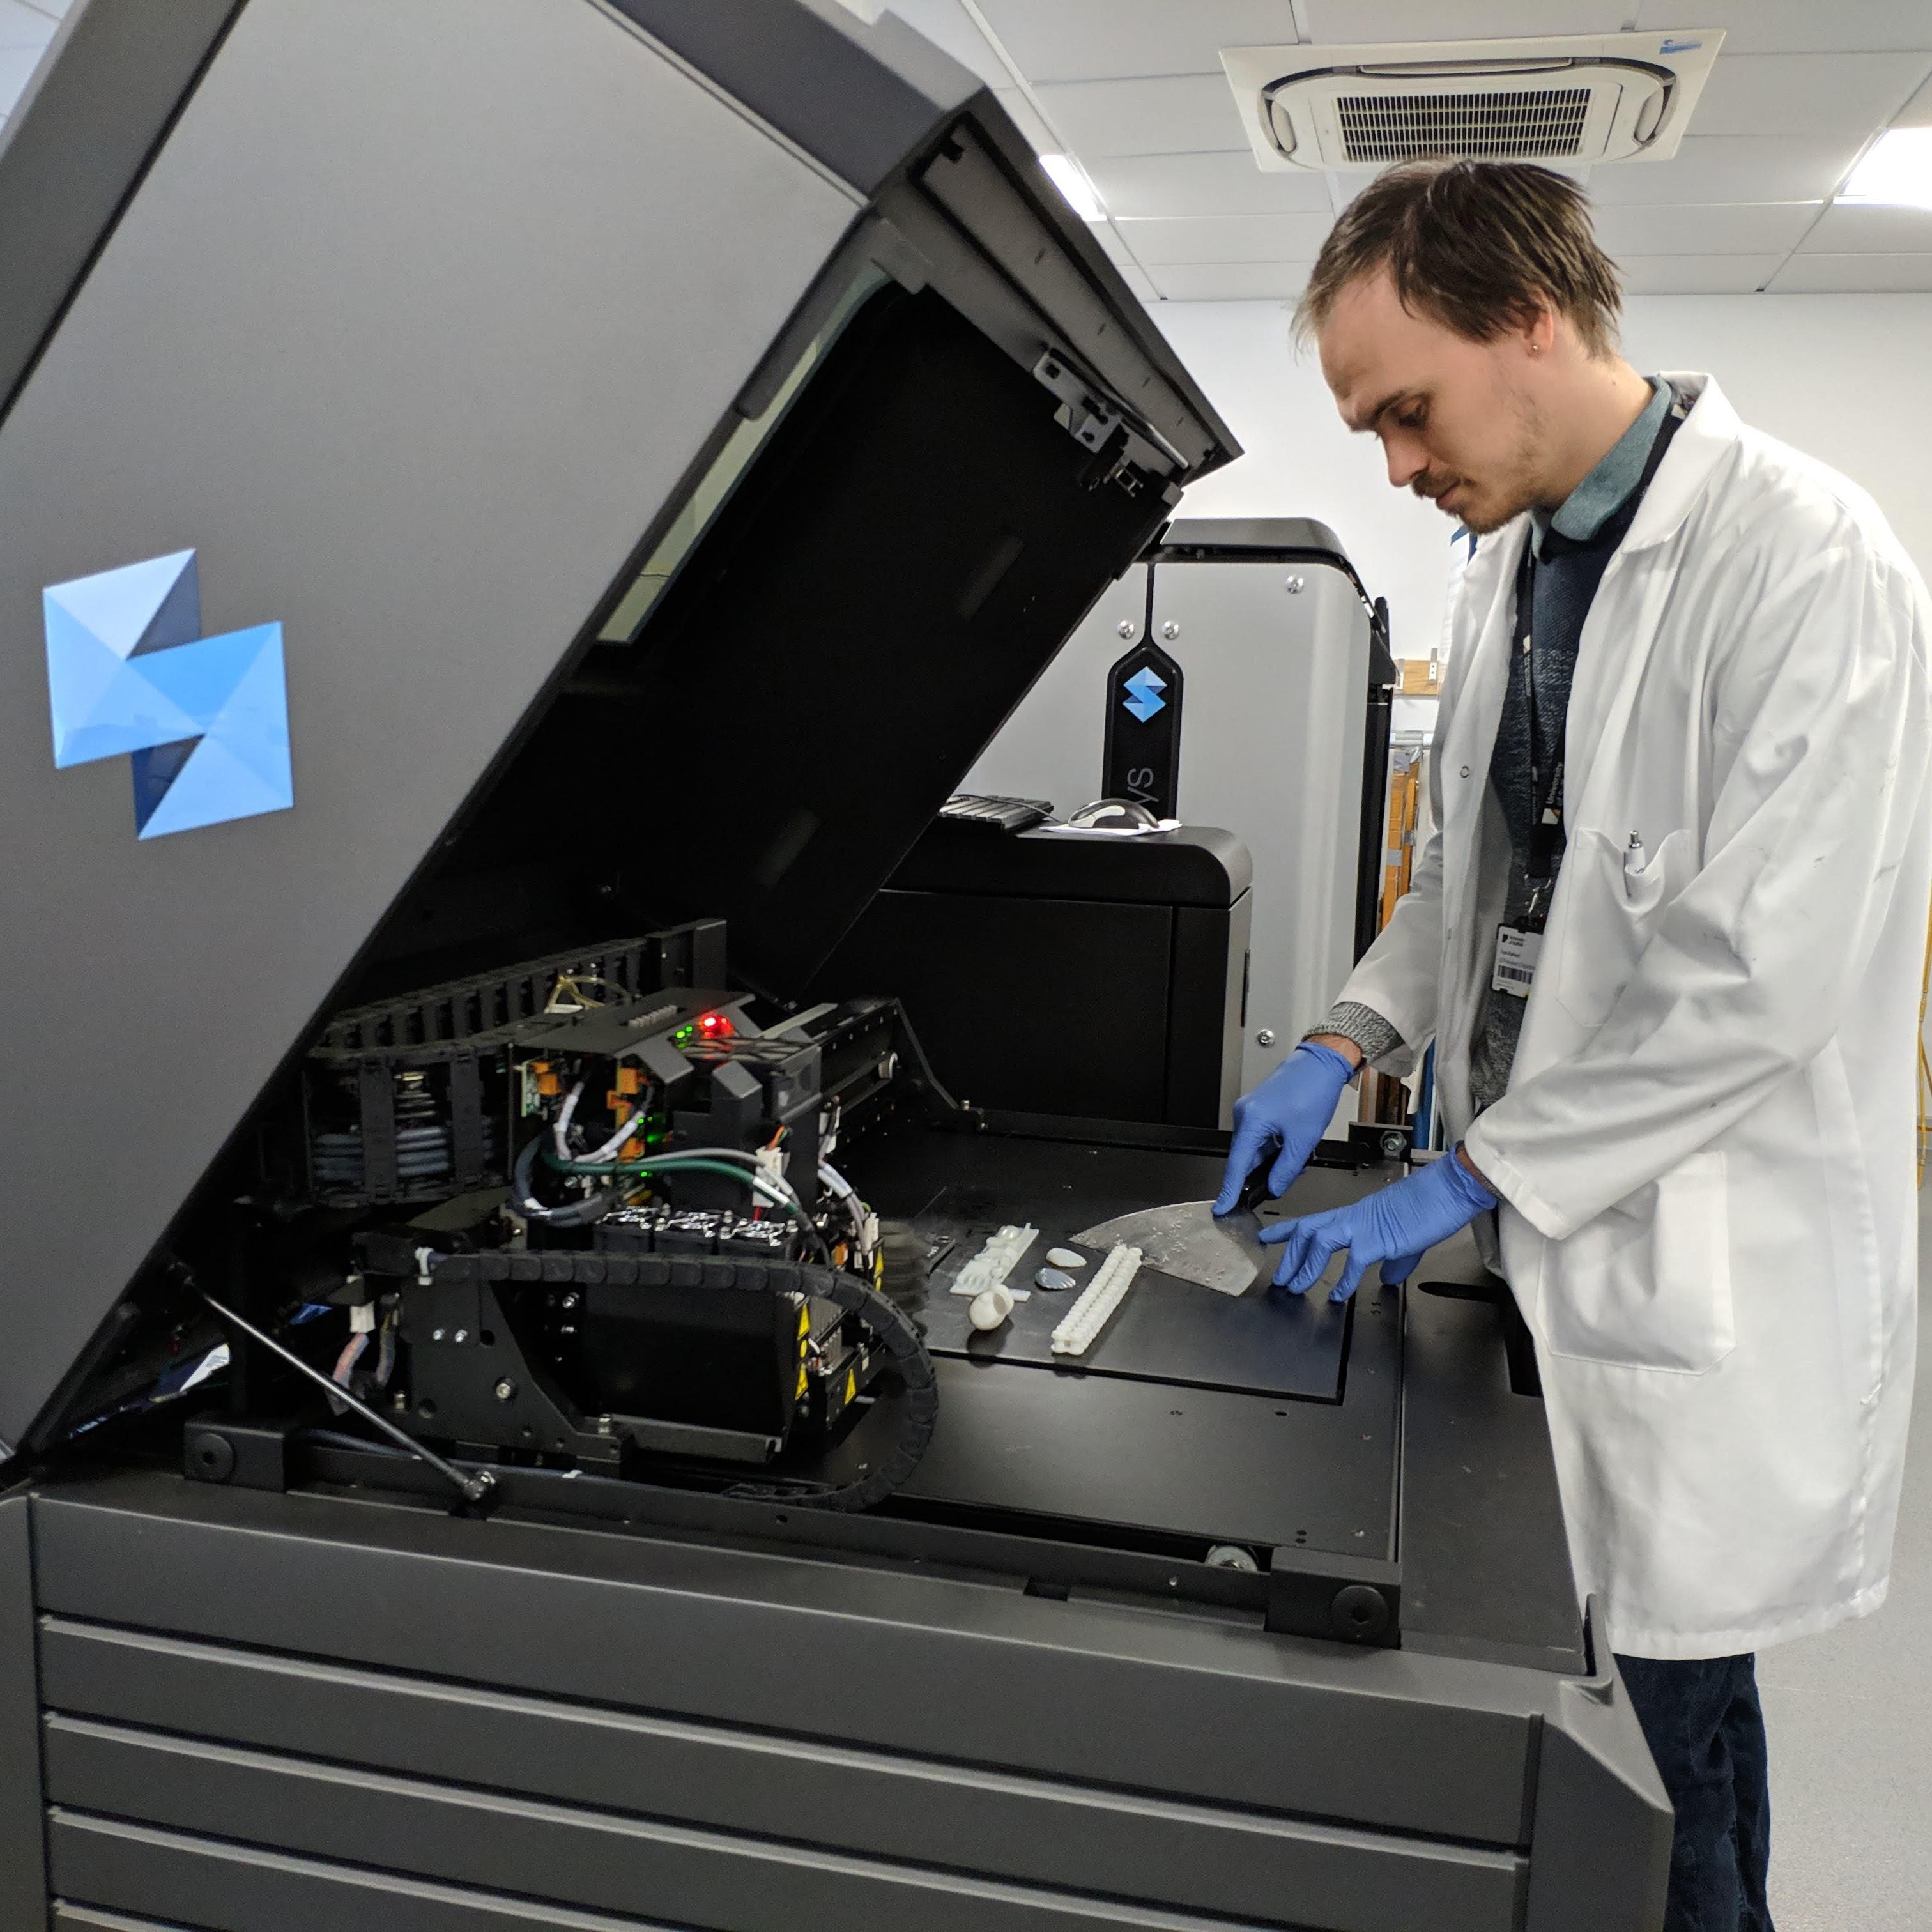 3D printing facilities at University of Suffolk (1)